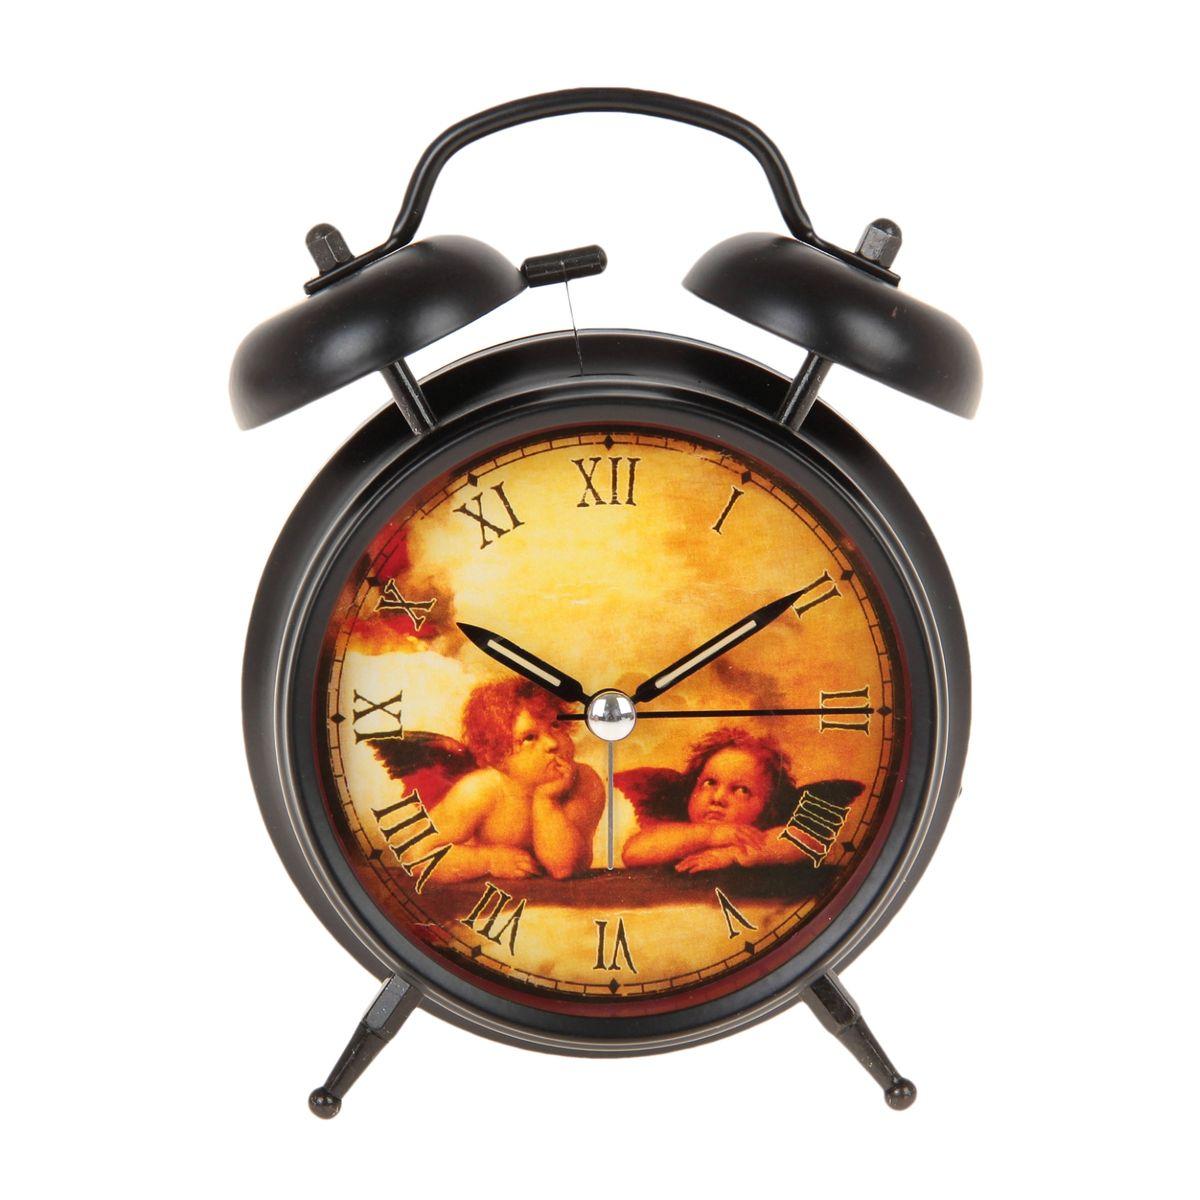 Часы-будильник Sima-land Ангелы Рафаэля. 669608MRC 4142 schwarzКак же сложно иногда вставать вовремя! Всегда так хочется поспать еще хотя бы 5 минут и бывает, что мы просыпаем. Теперь этого не случится! Яркий, оригинальный будильник Sima-land Ангелы Рафаэля поможет вам всегда вставать в нужное время и успевать везде и всюду.Корпус будильника выполнен из металла. Циферблат оформлен изображением ангелов по мотивам картин Рафаэля. Часы снабжены 4 стрелками (секундная, минутная, часовая и для будильника). На задней панели будильника расположен переключатель включения/выключения механизма, а также два колесика для настройки текущего времени и времени звонка будильника. Изделие снабжено подсветкой, которая включается нажатием на кнопку с задней стороны корпуса. Часовая и минутная стрелки покрыты люминесцентным раствором, светящимся в темноте. Пользоваться будильником очень легко: нужно всего лишь поставить батарейку, настроить точное время и установить время звонка. Необходимо докупить 1 батарейку типа АА (не входит в комплект).